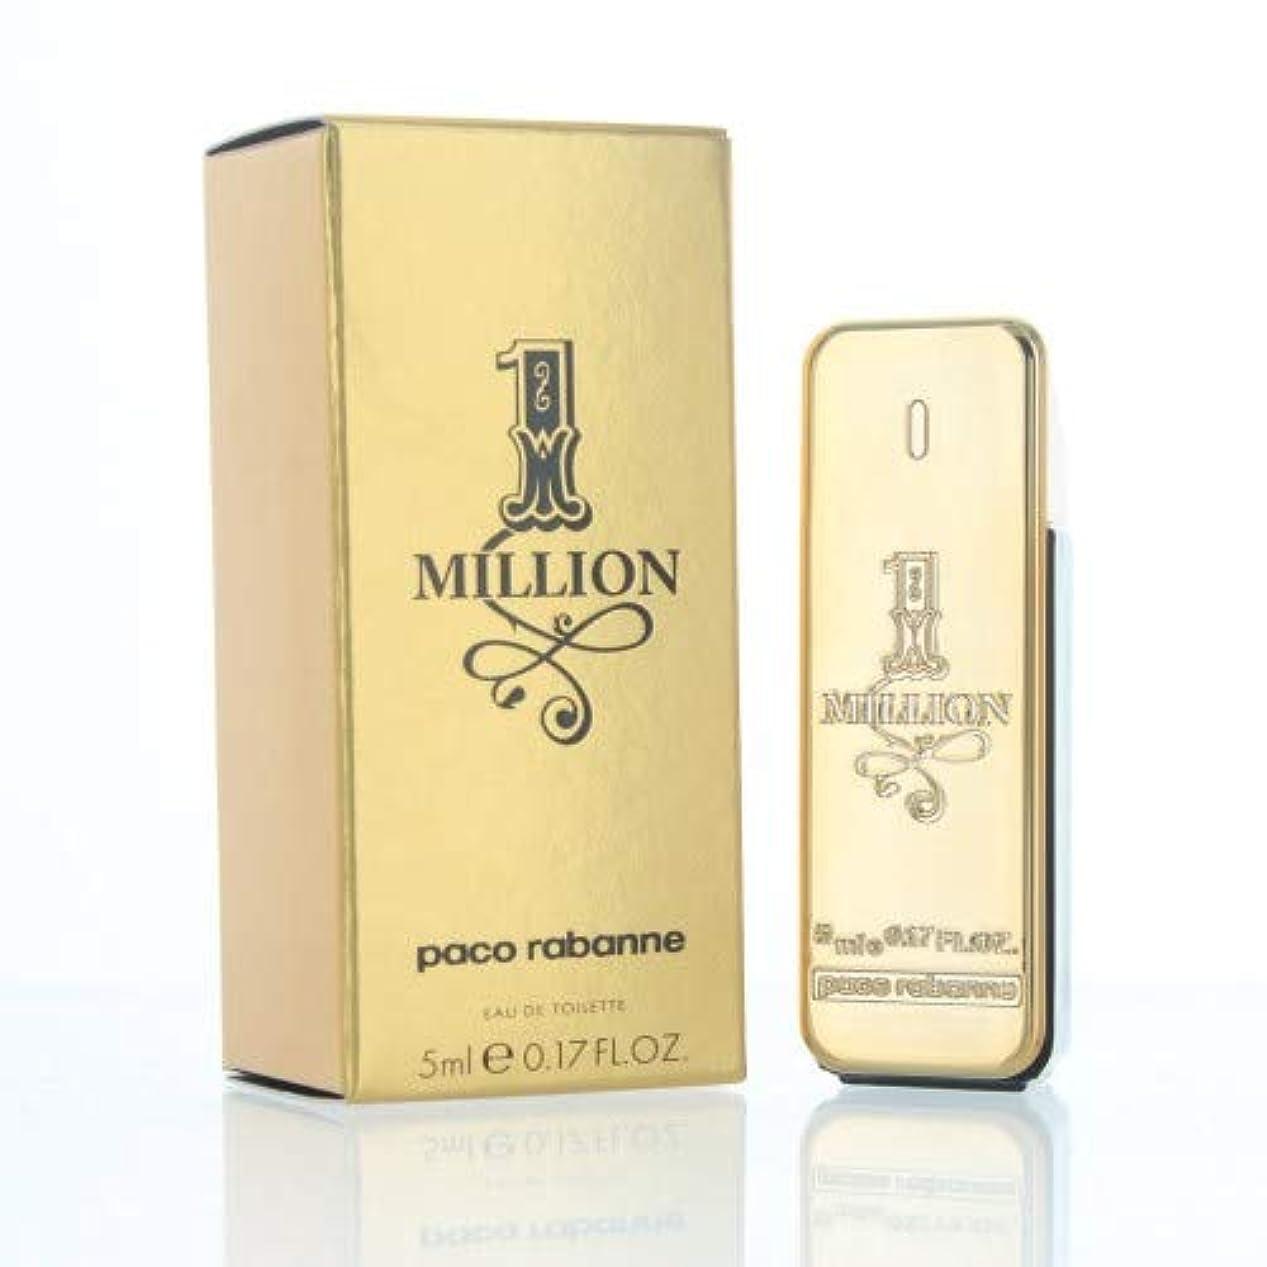 副噛むパットパコラバンヌ ワンミリオン EDT 5ml ミニ香水(並行輸入品)